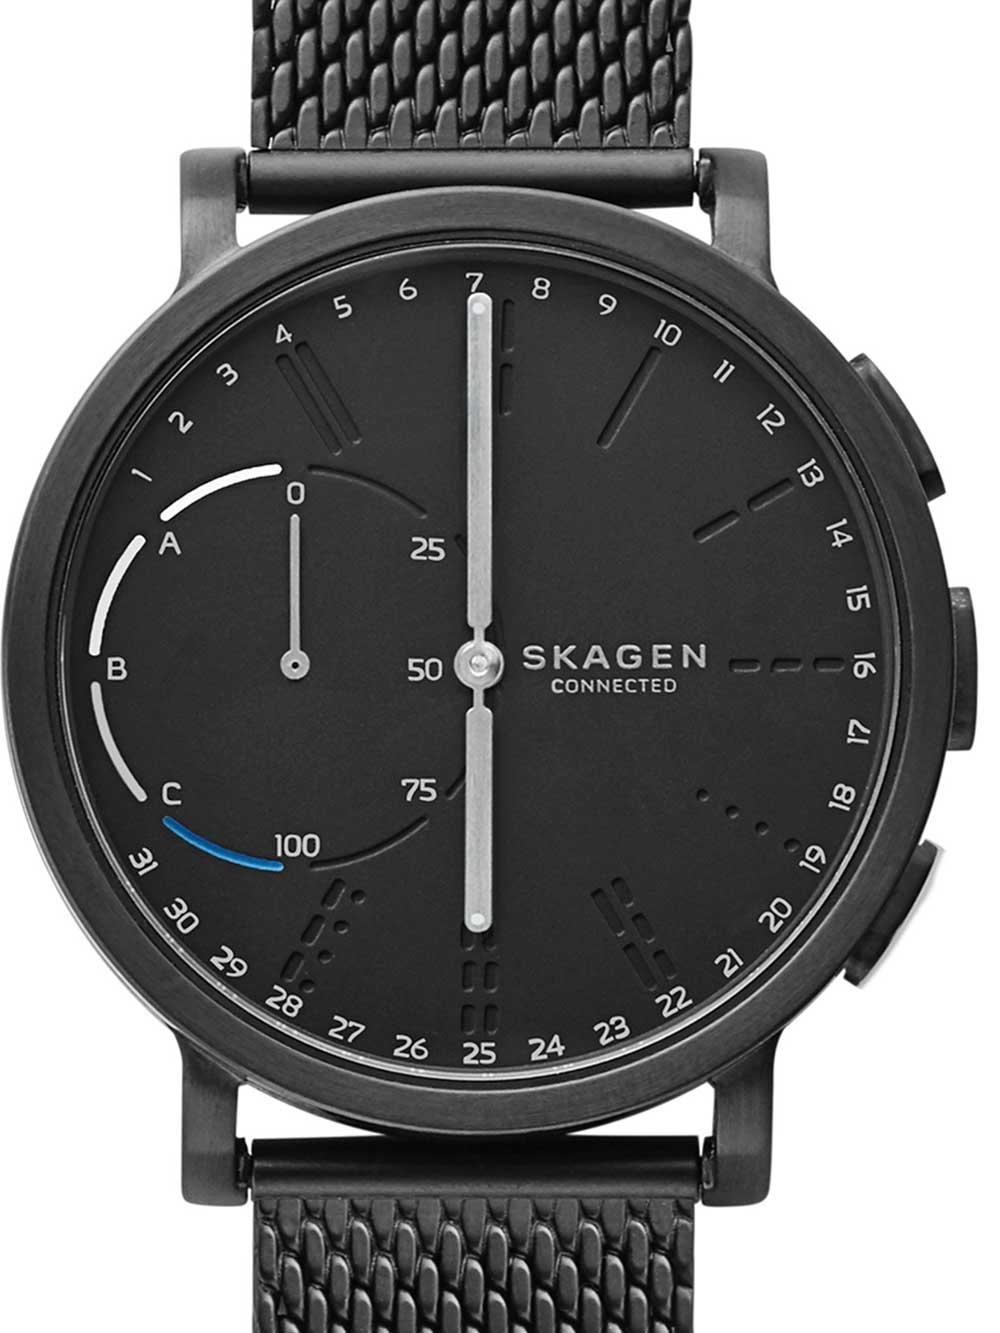 Skagen SKT1109 CA Hagen Black Hybrid Smartwatch Unisex 42mm 3ATM